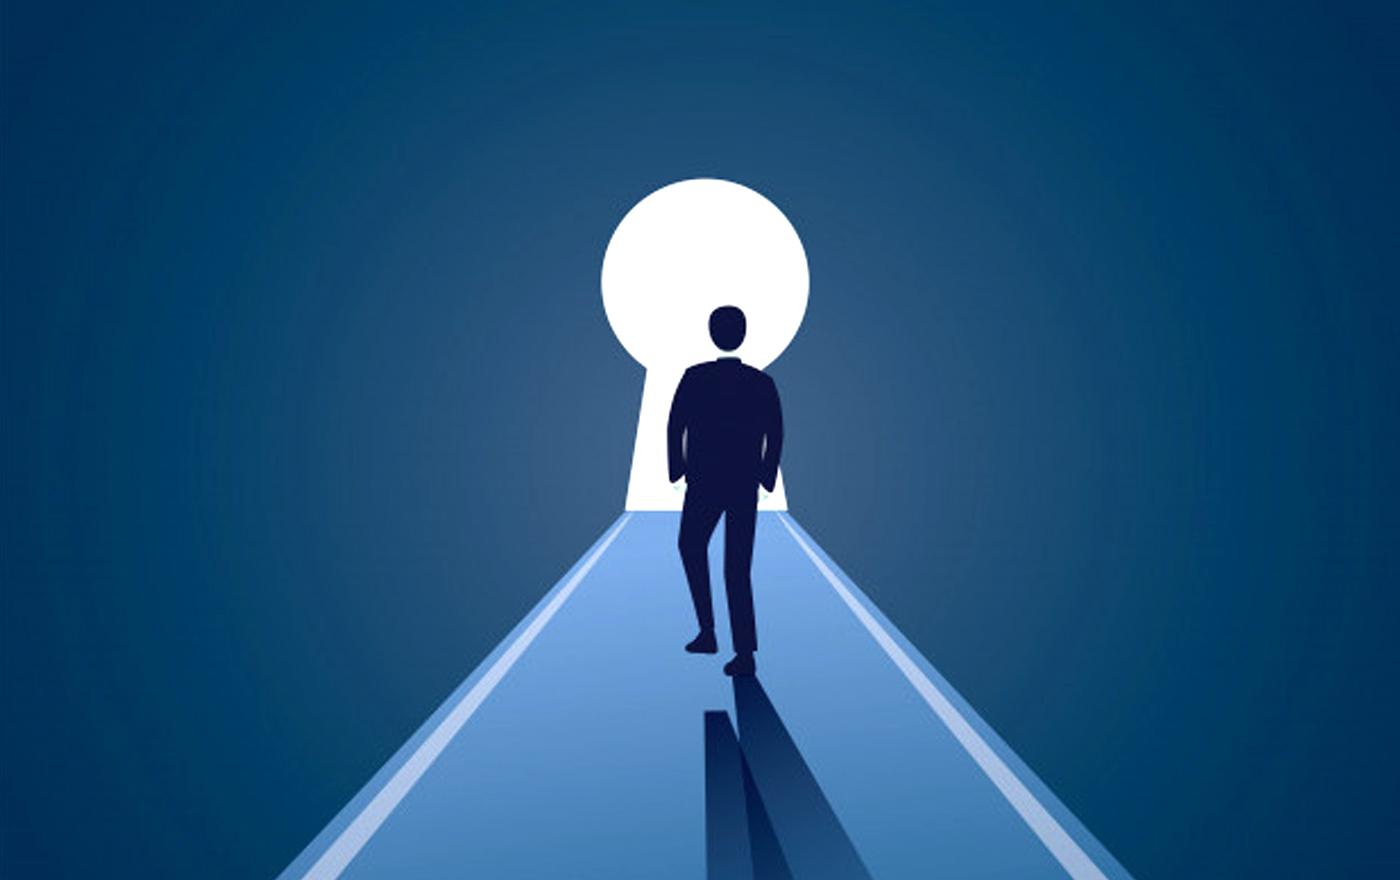 ۷ دروغ بزرگ در مورد موفقیت که نباید باور کنید